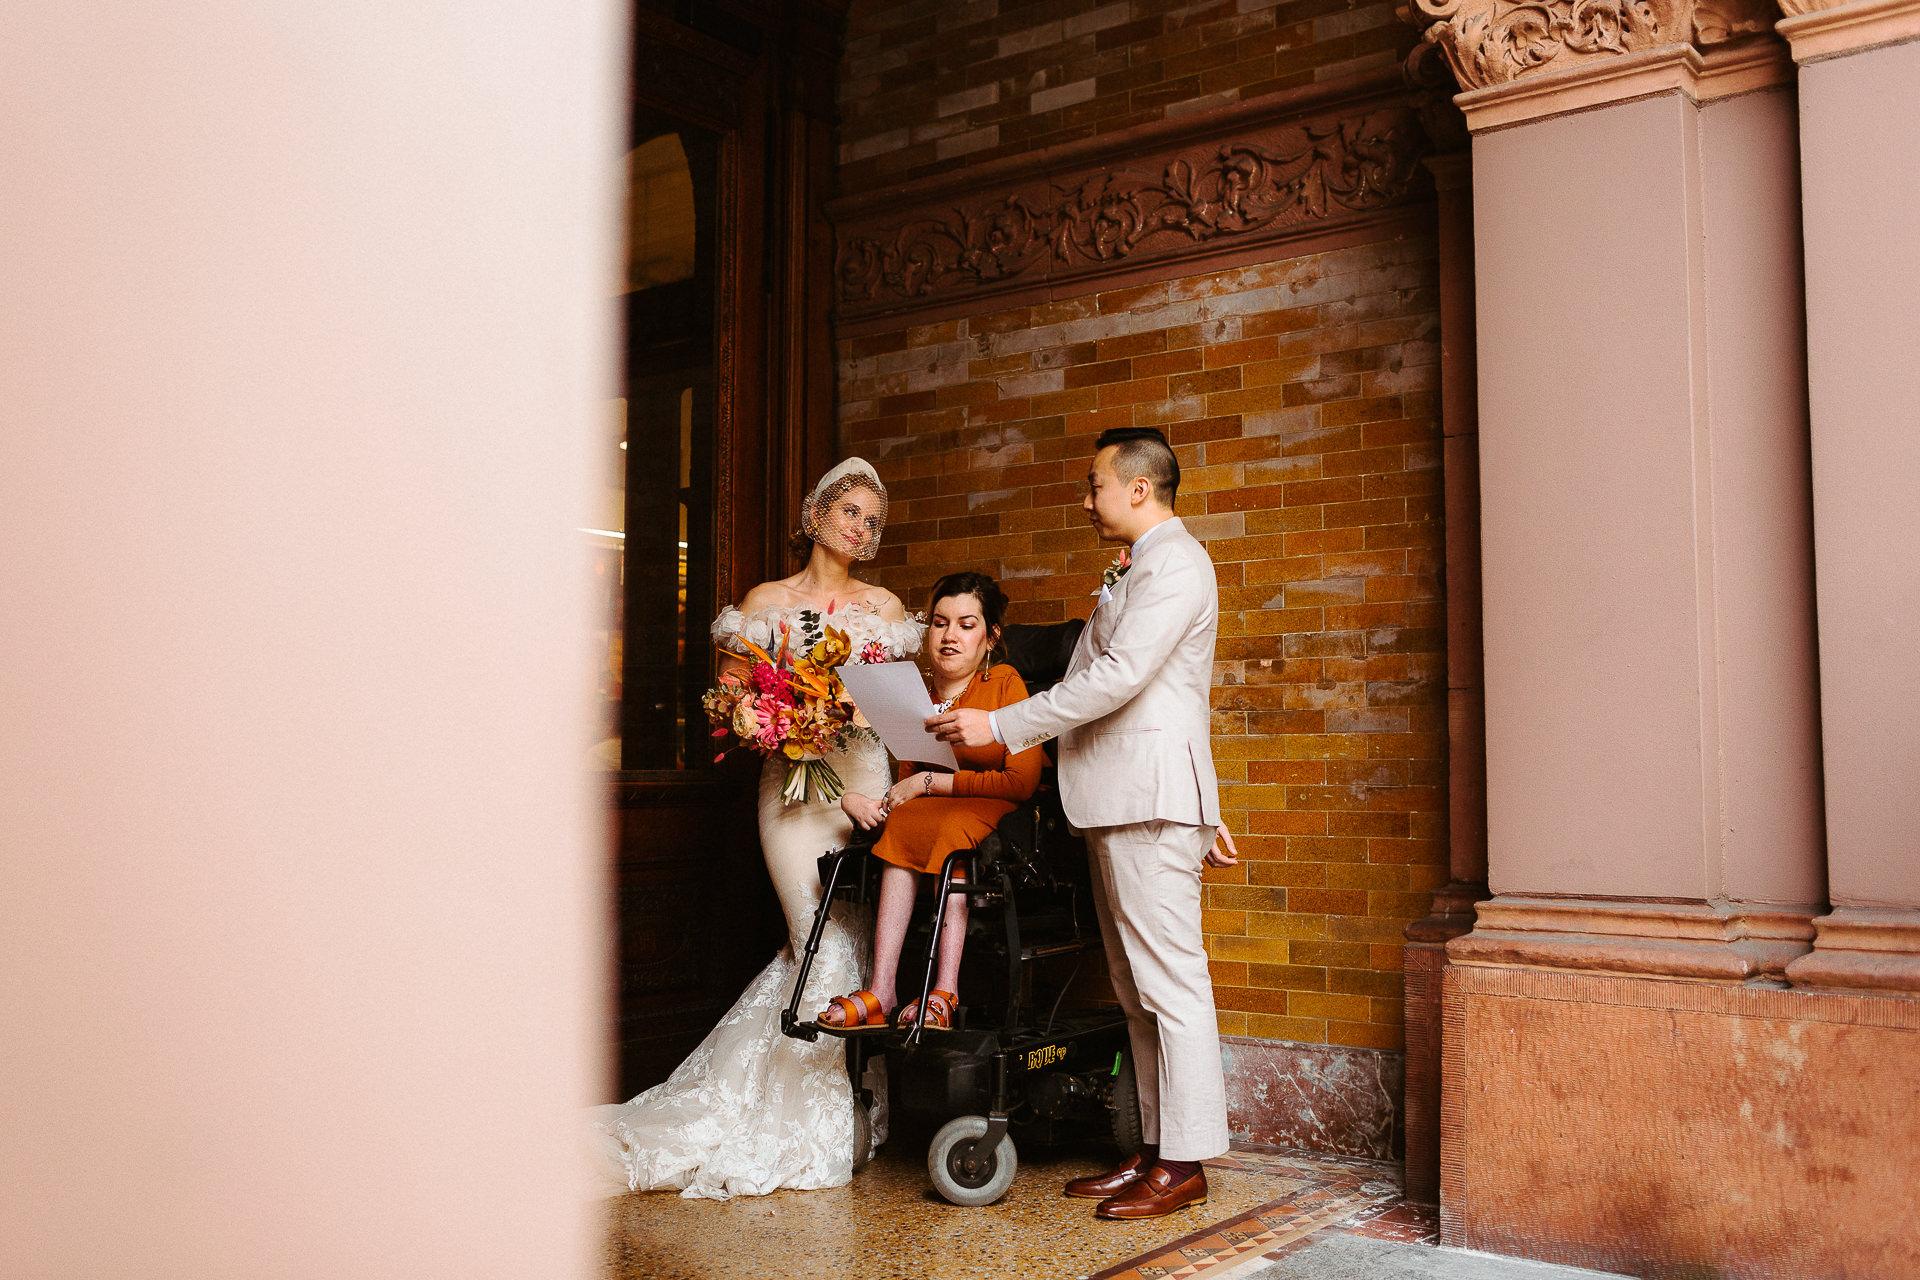 Los Angeles Elopement Ceremony Image | leur meilleur ami comme célébrant de mariage